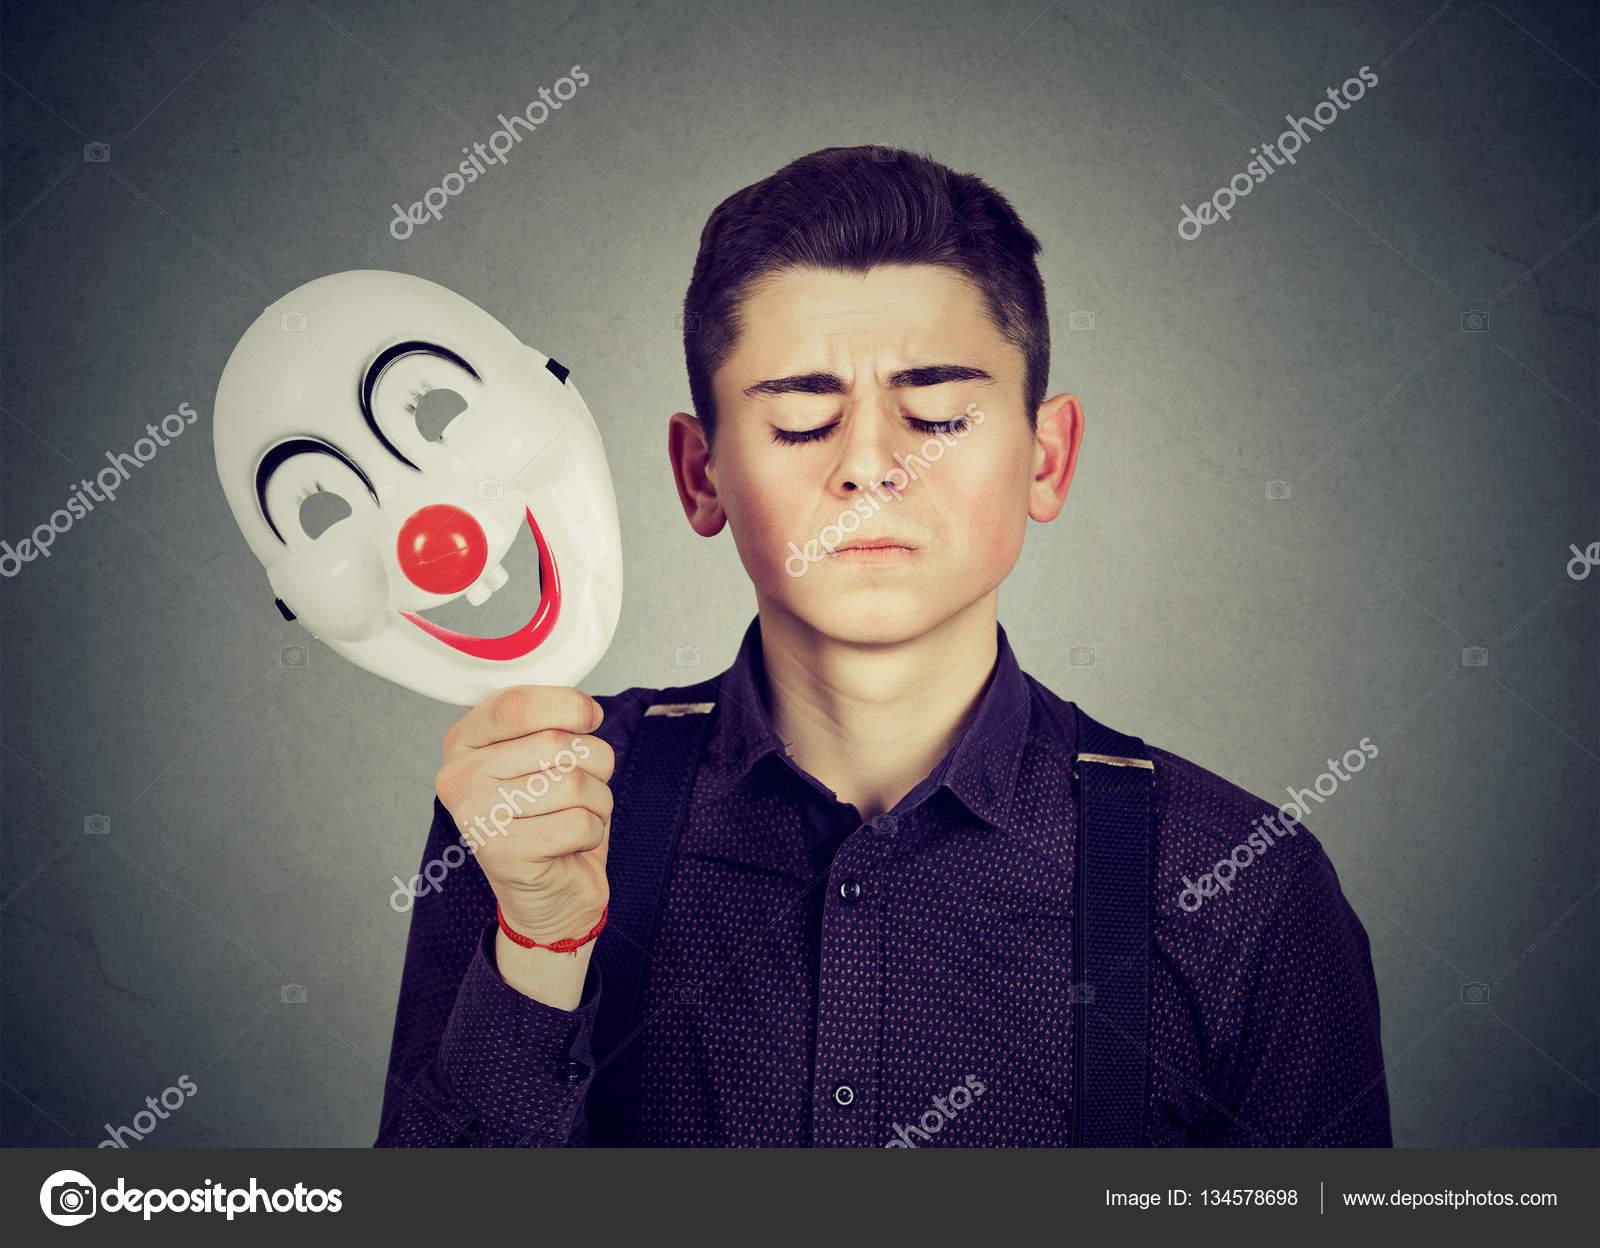 homme triste qui d collait masque de clown joyeux d doublement de la personnalit. Black Bedroom Furniture Sets. Home Design Ideas